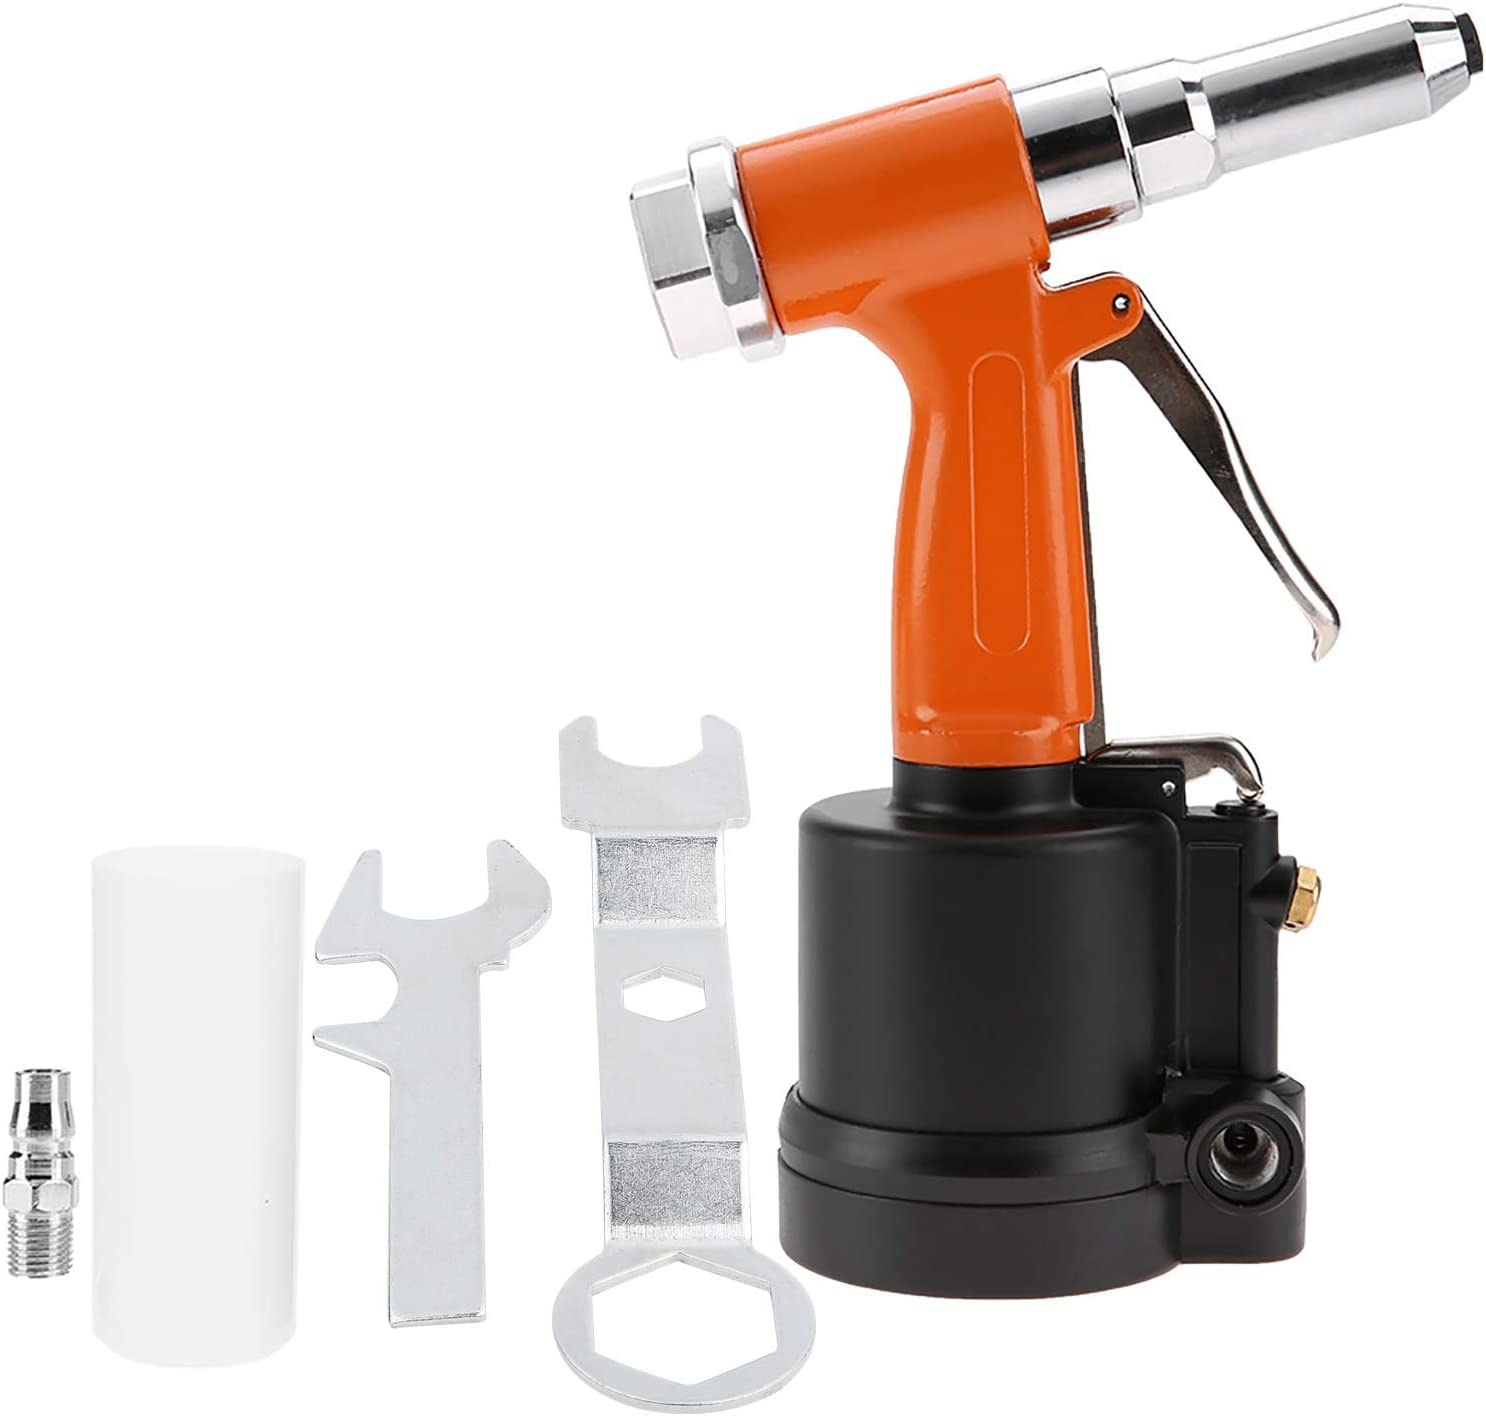 Pistola hidráulica de peso ligero industrial para uñas, potente pistola de clavos, herramienta de remachado neumática hidráulica para herramienta de perforación(Naranja negro)